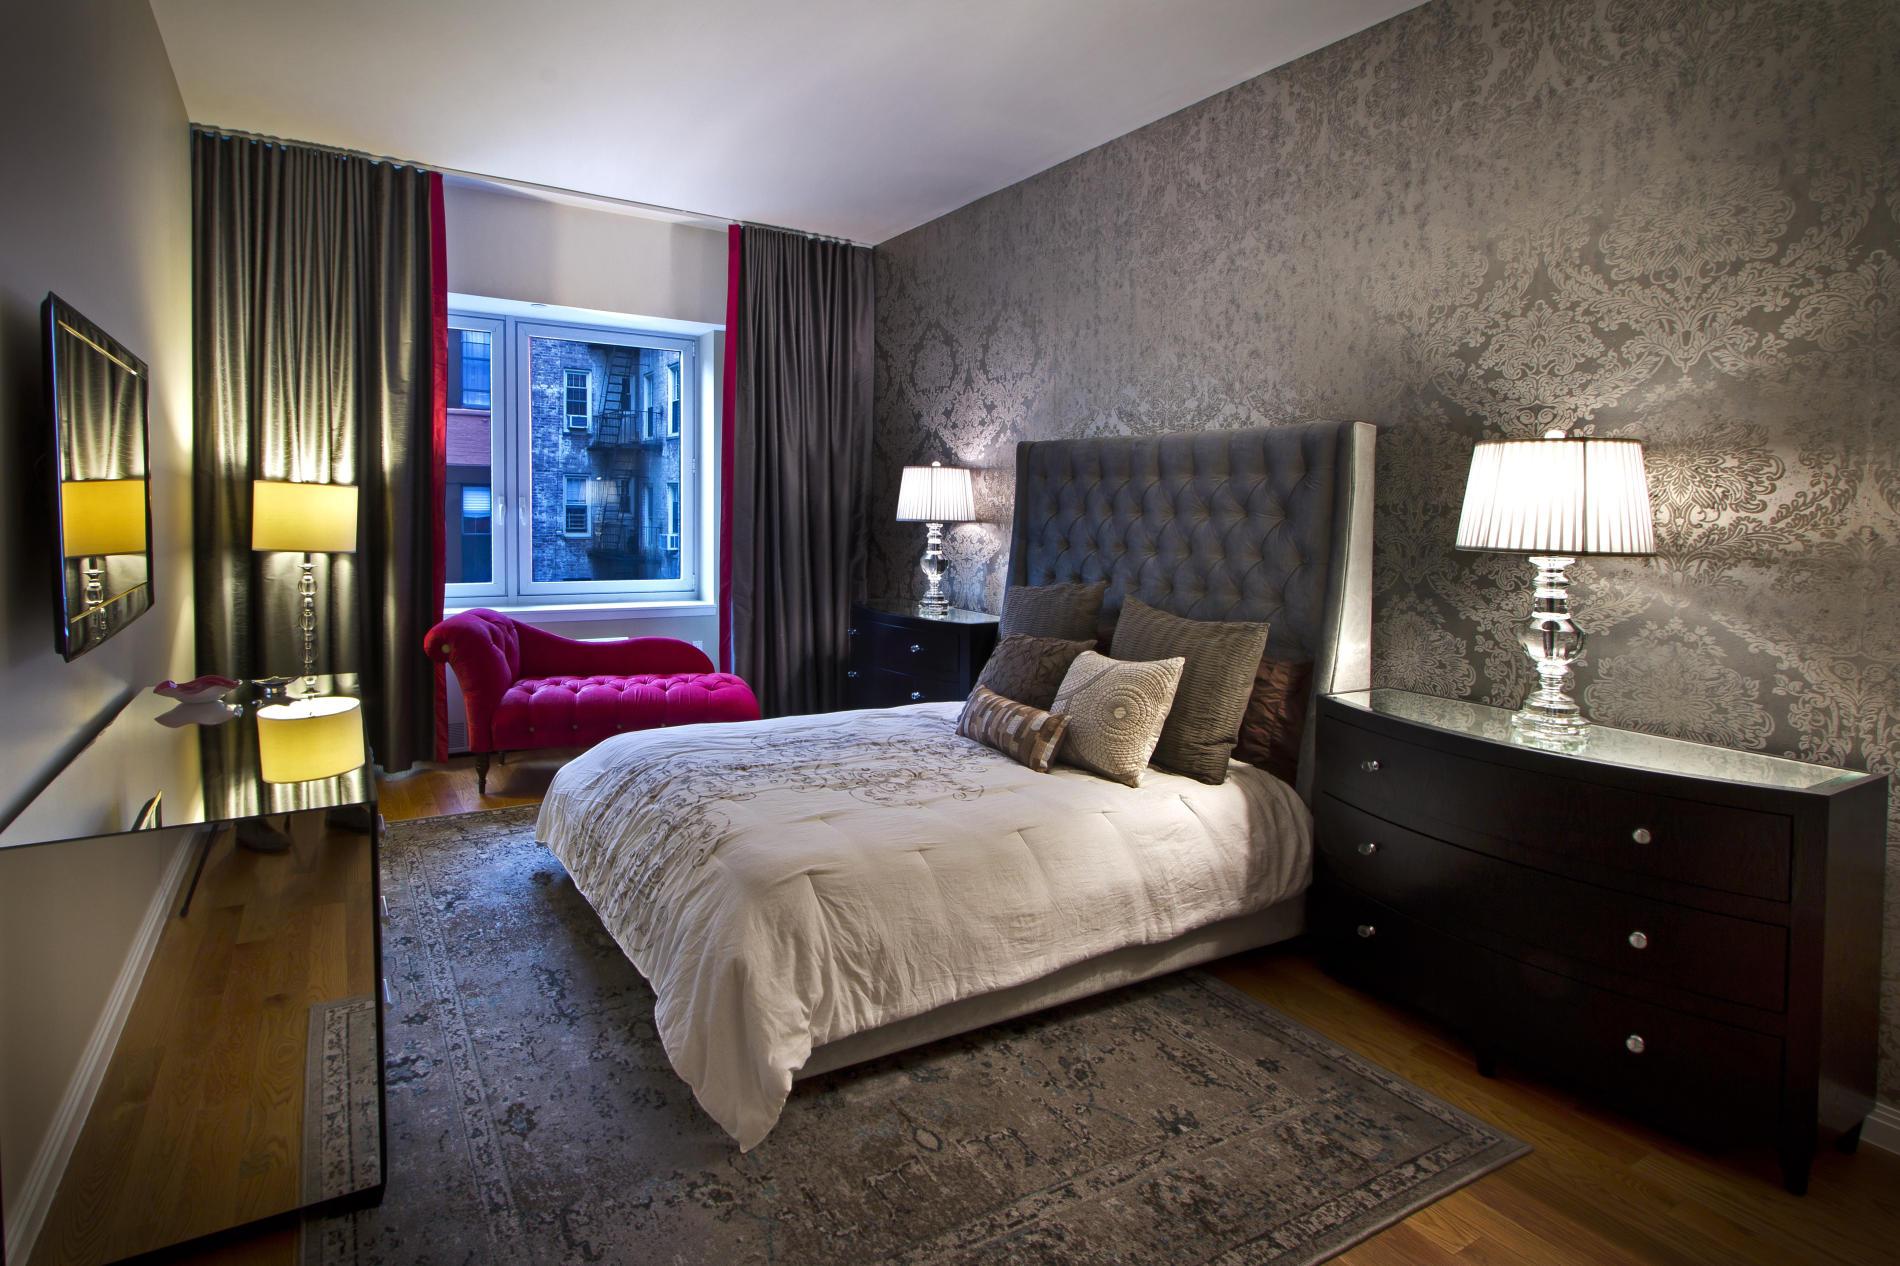 дизайн интерьера спальни 3.jpg